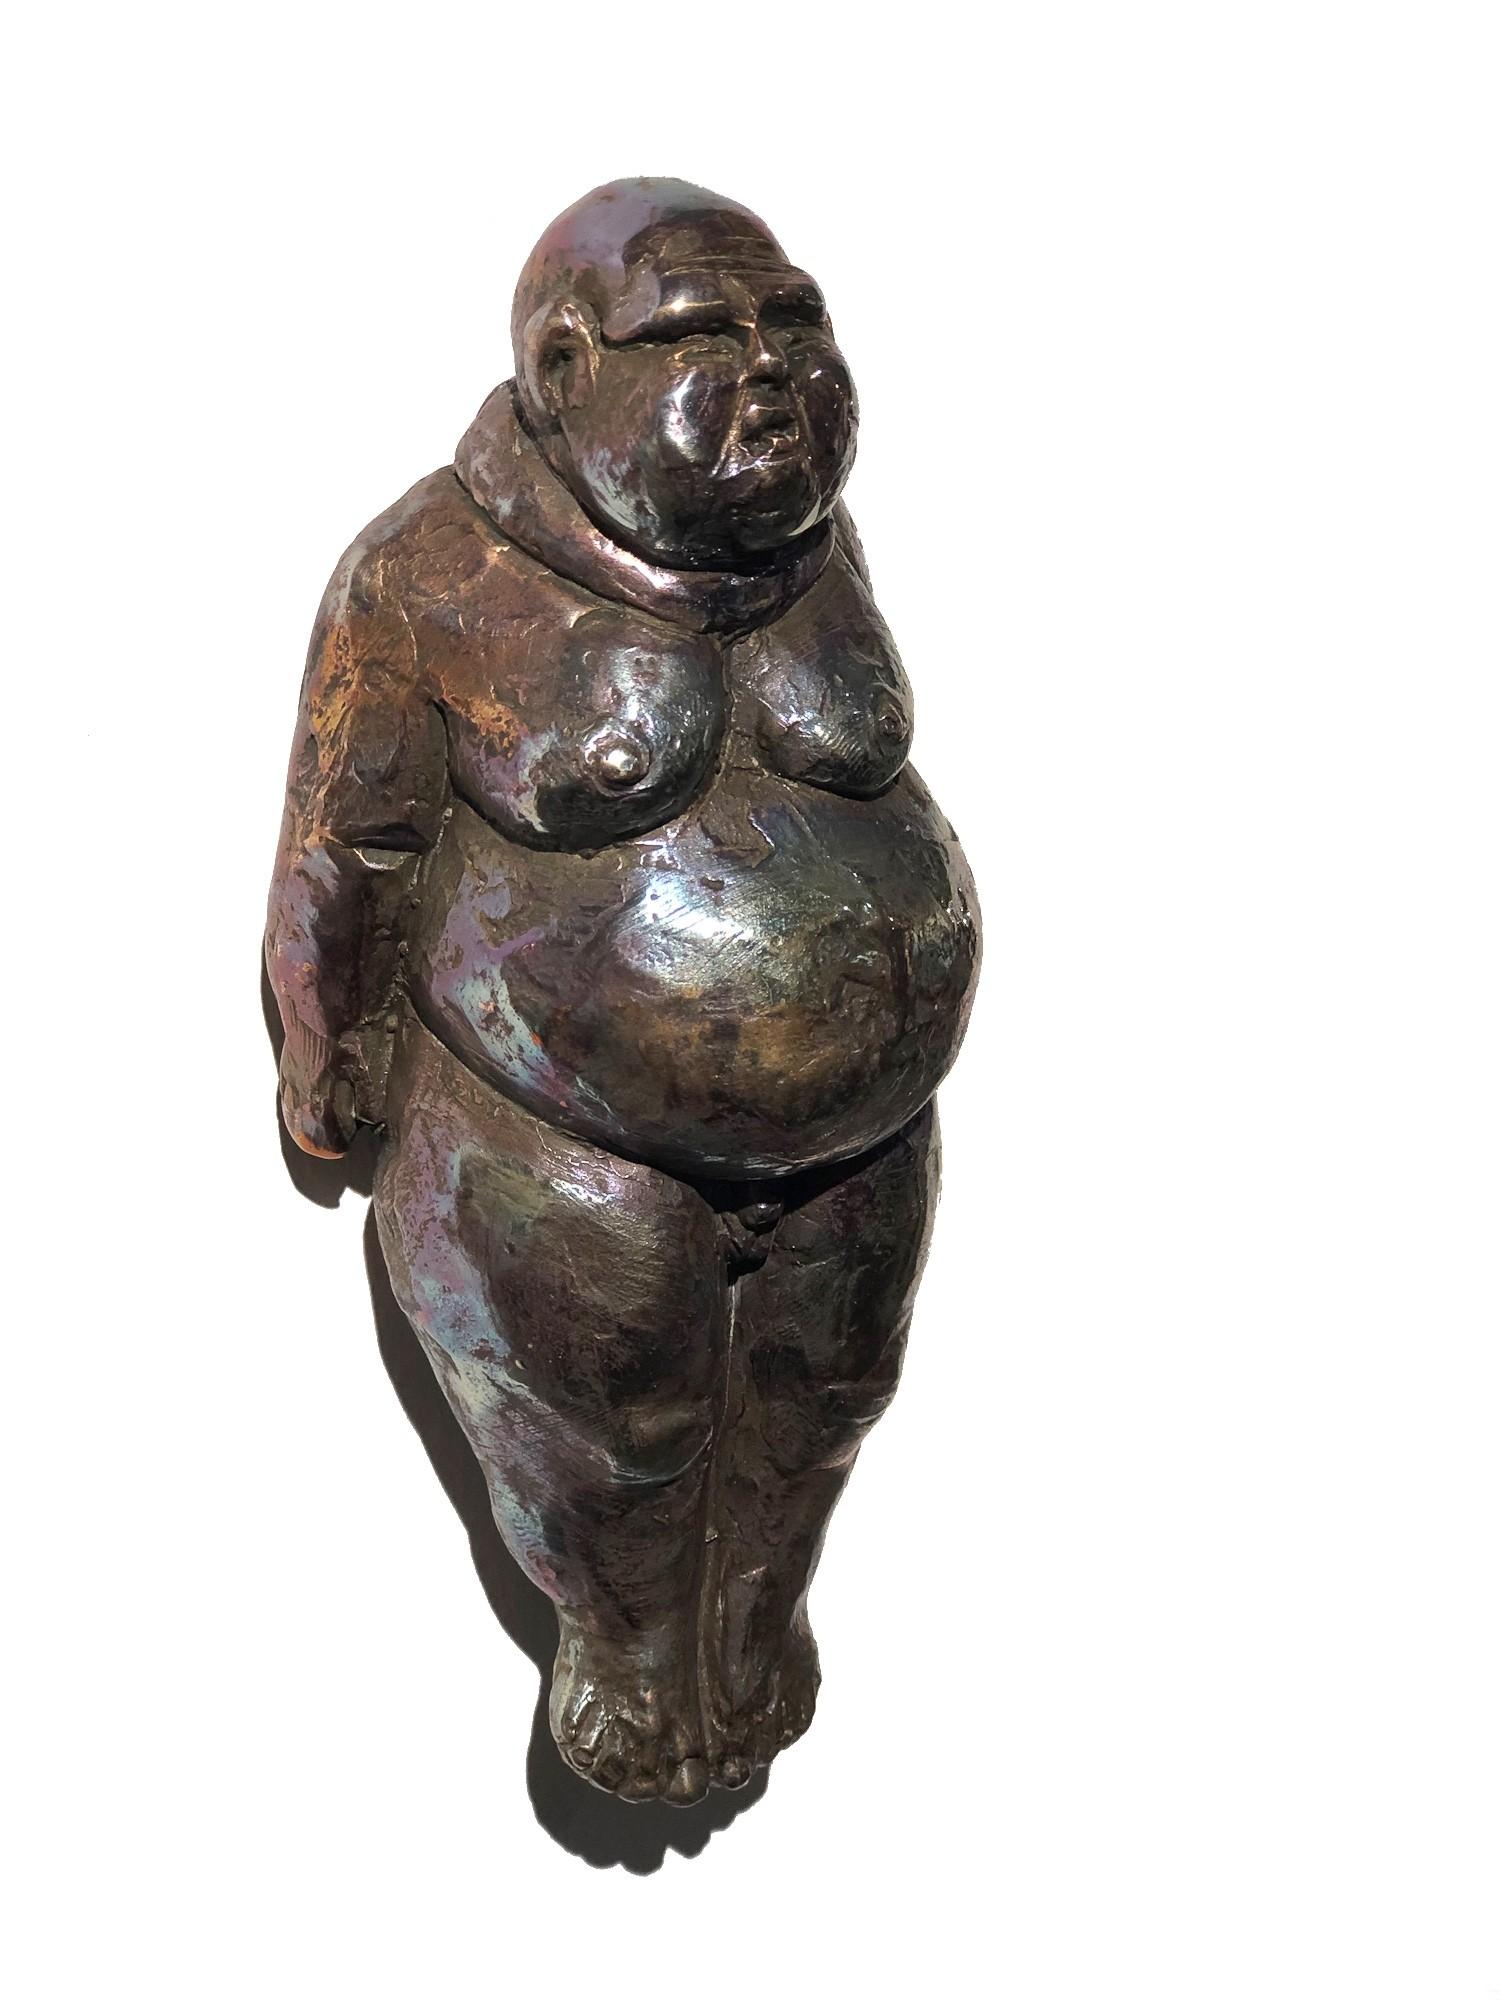 Die Made - seitlich, Bronze Plastik, Skulptur von Tim David Trillsam, Edition